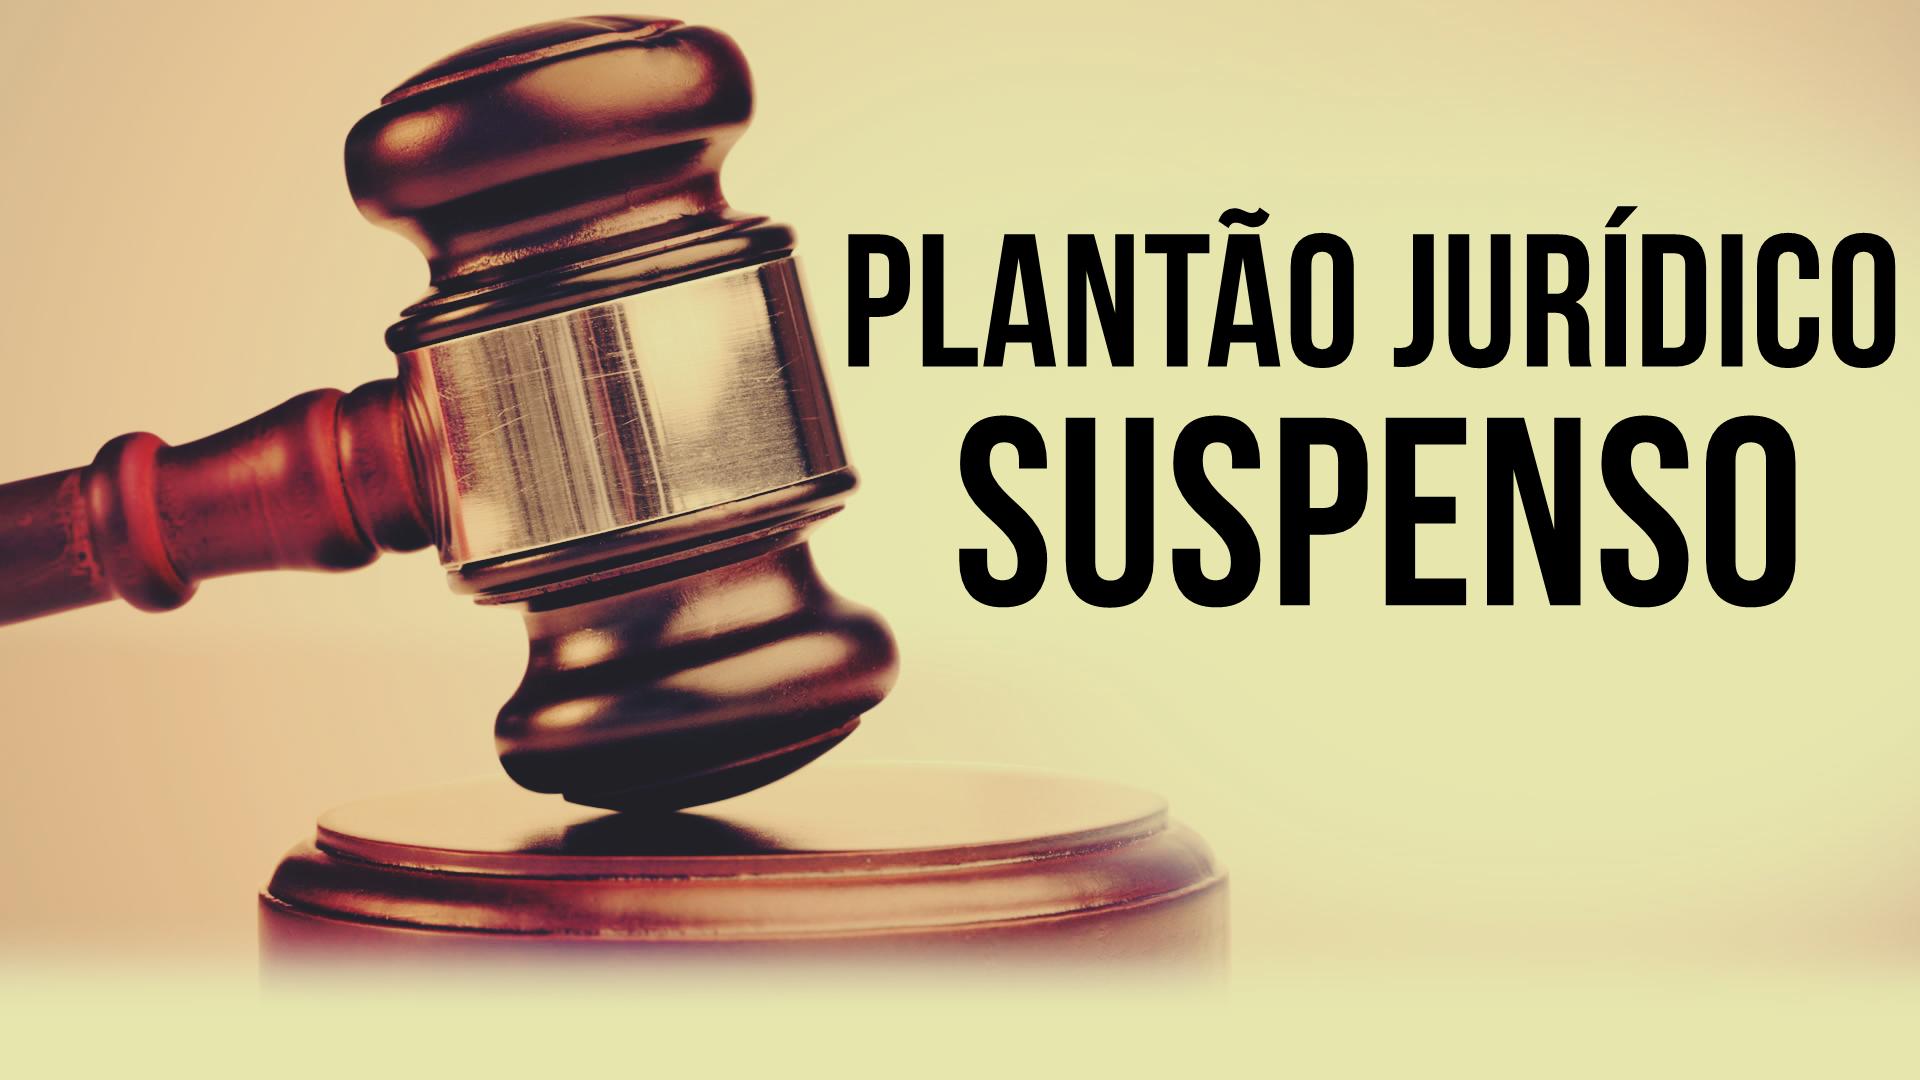 juridico_plantao_destaque_1